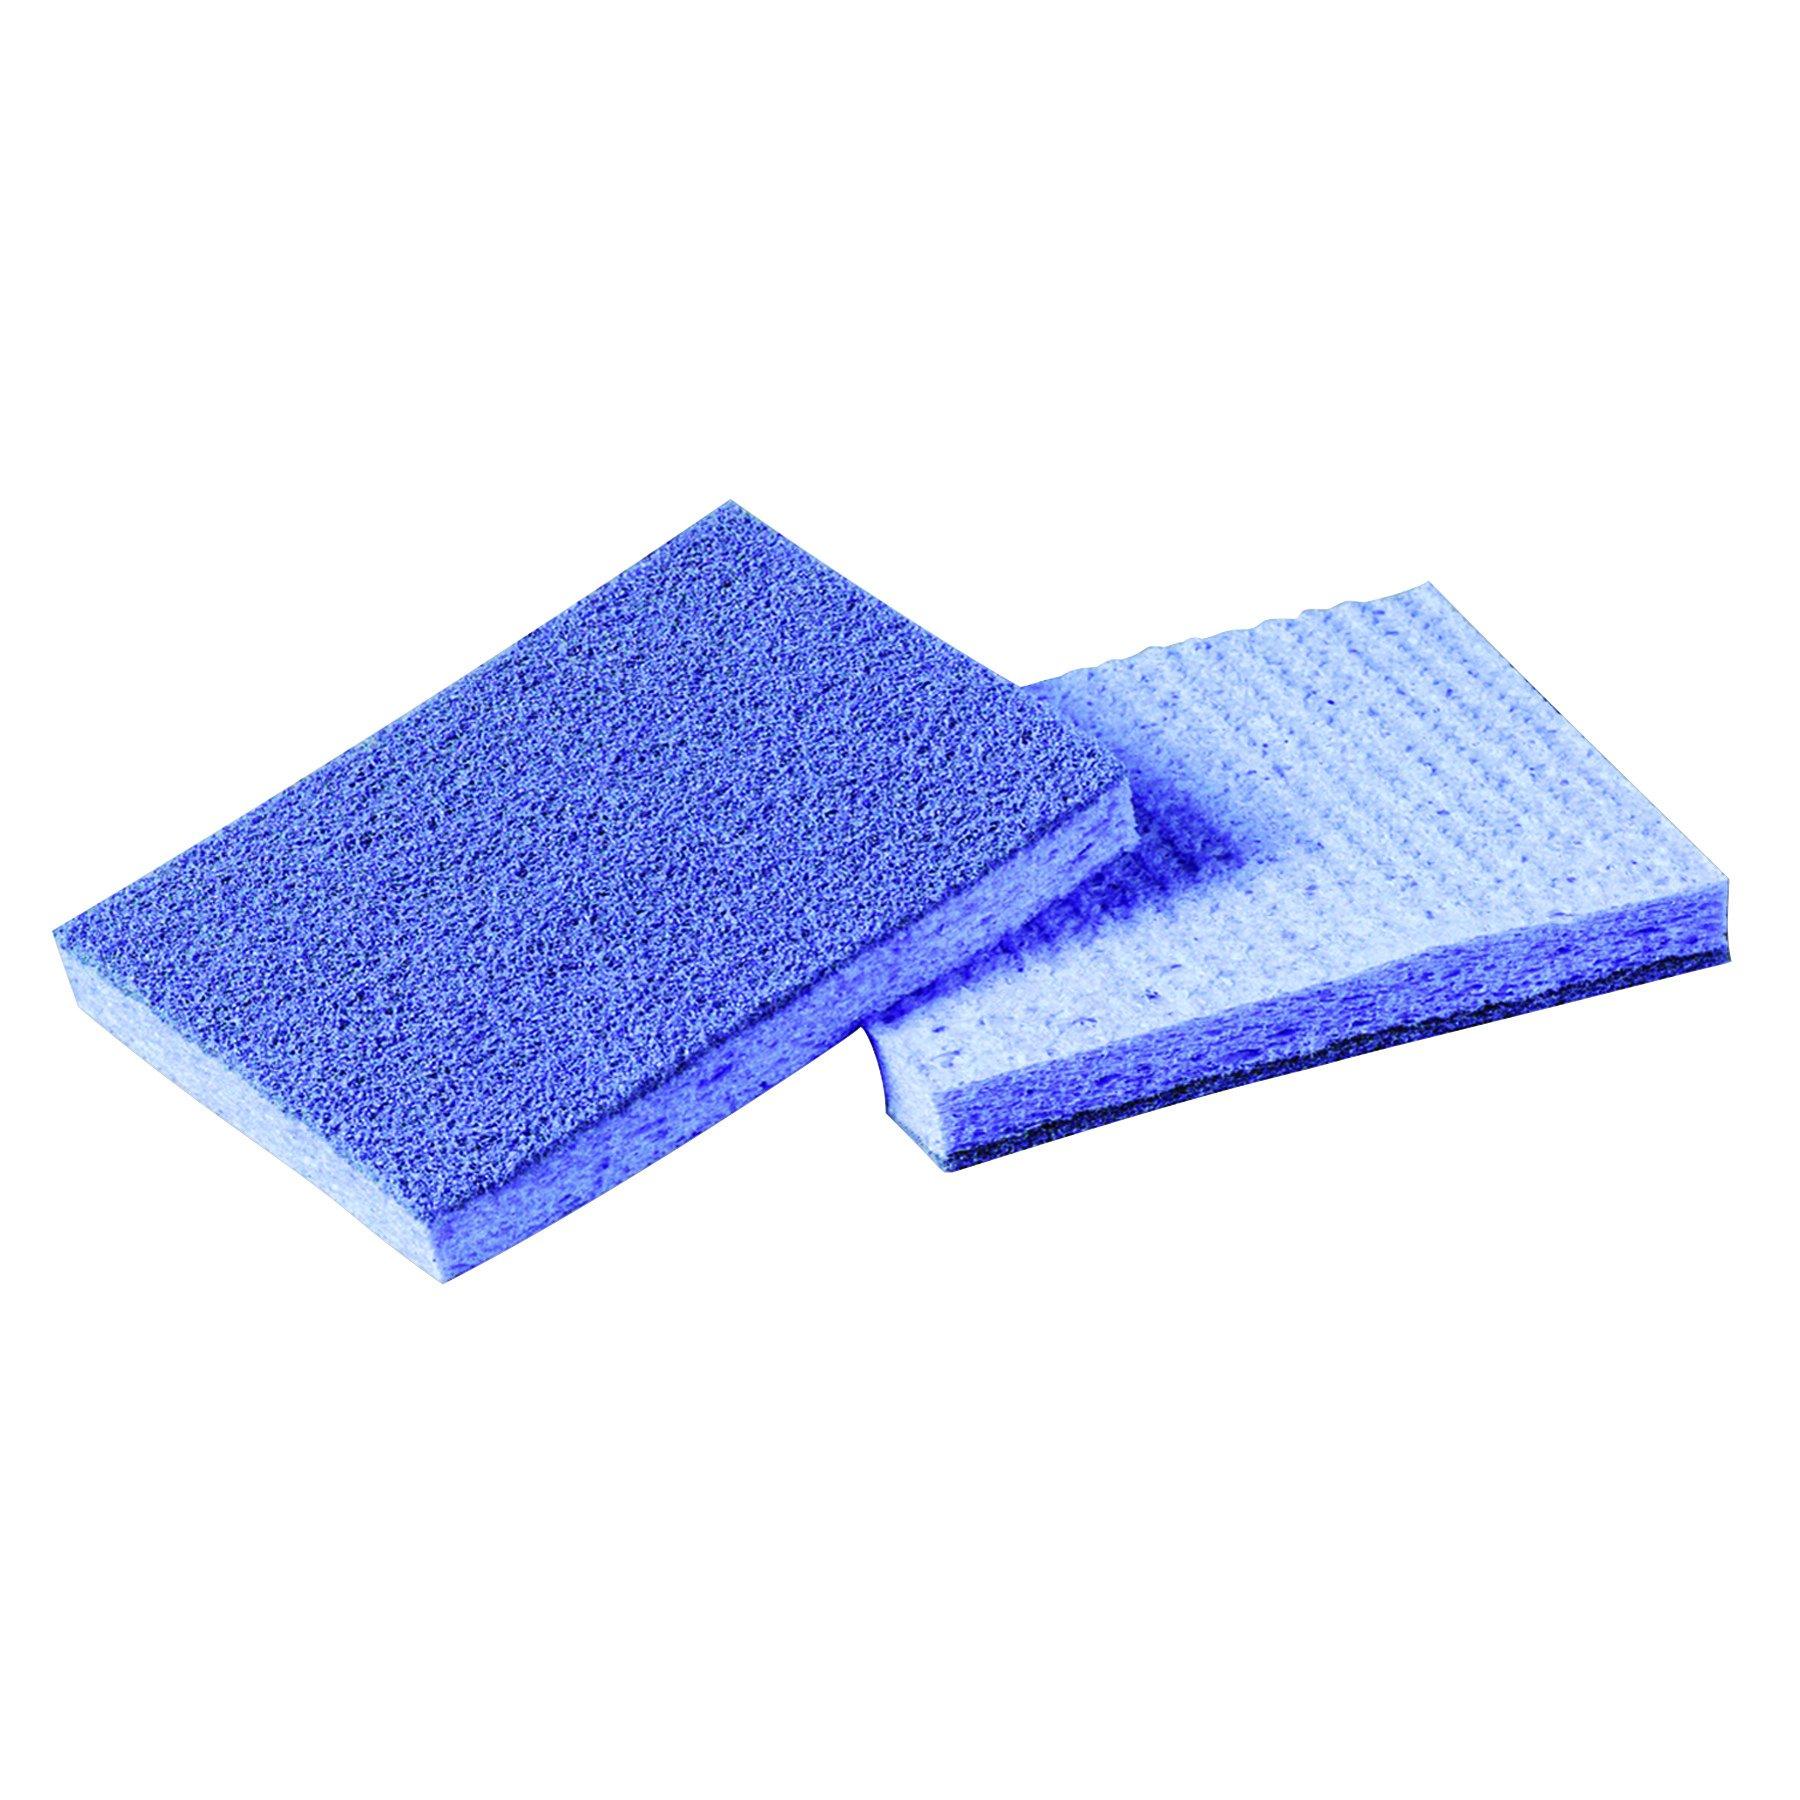 Scotch-Brite PROFESSIONAL 9489 Soft Scour Scrub Sponge, 3 1/2 x 5 in, Blue (Case of 40)